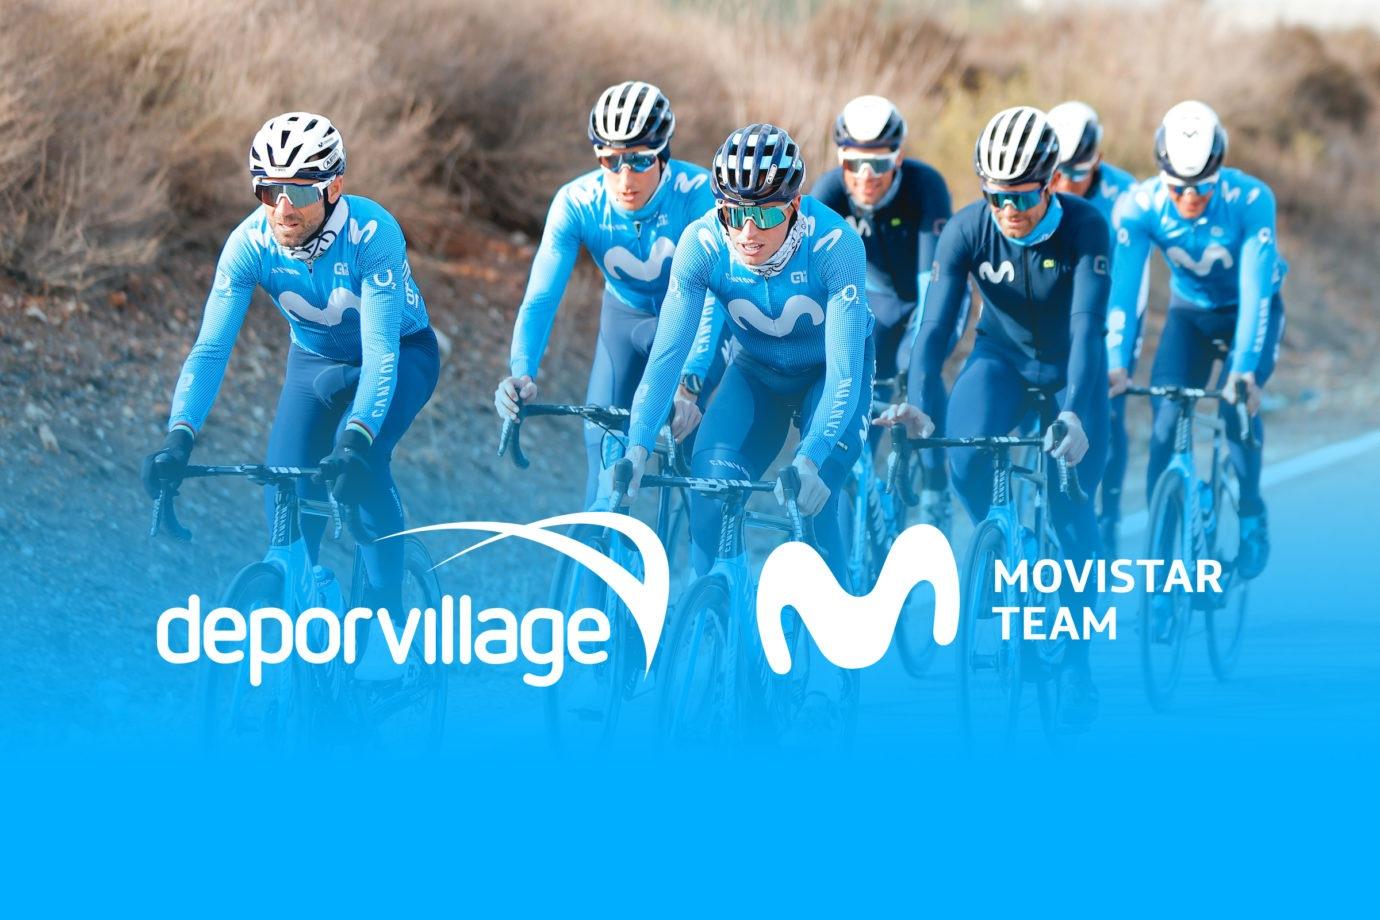 Imagen de la noticia 'Deporvillage launches Movistar Team's new official shop'